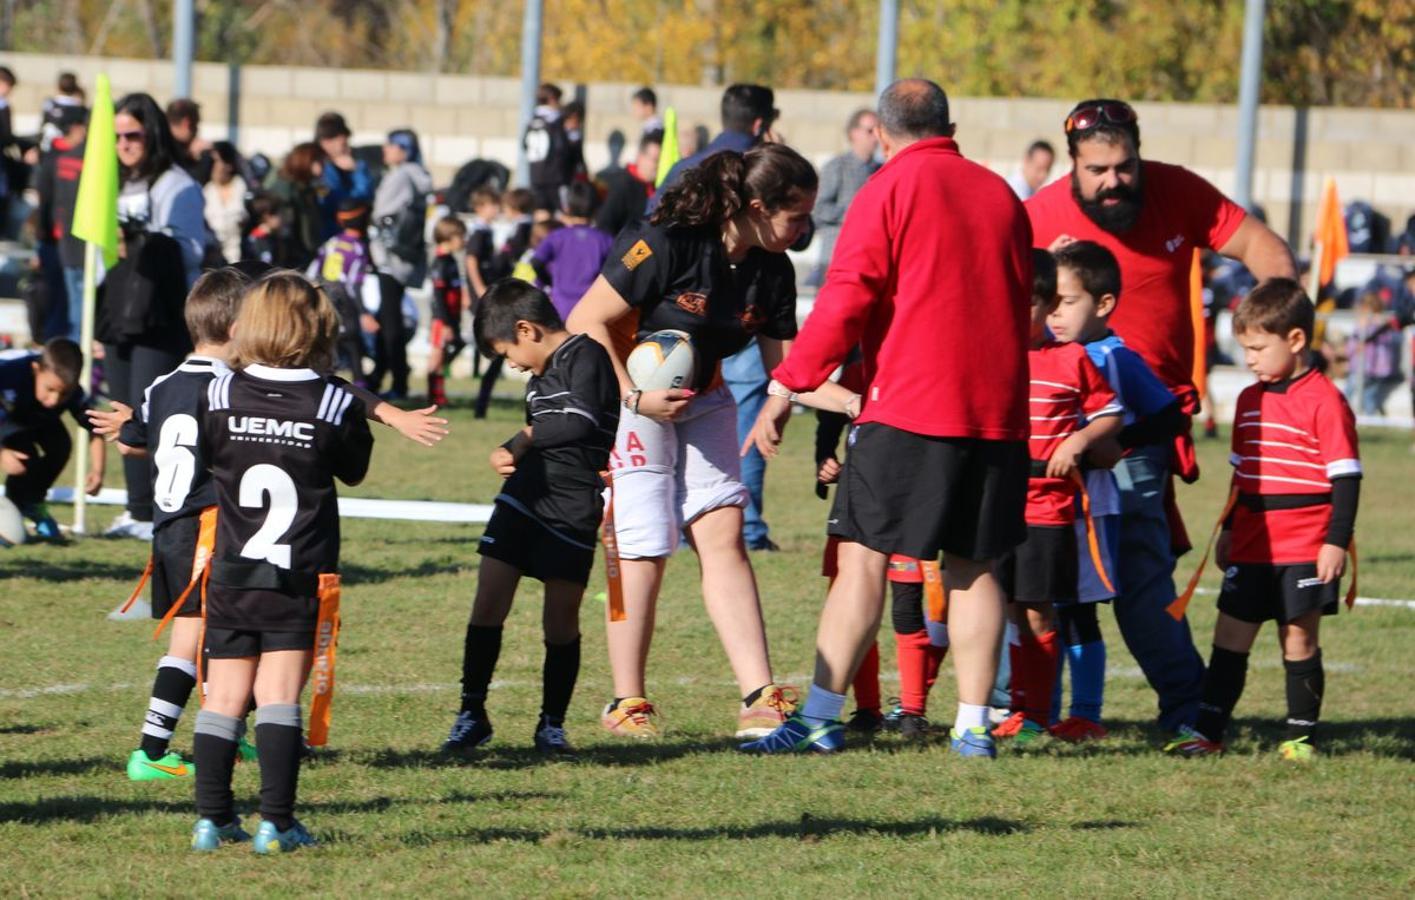 El rugby proclama sus valores entre los niños